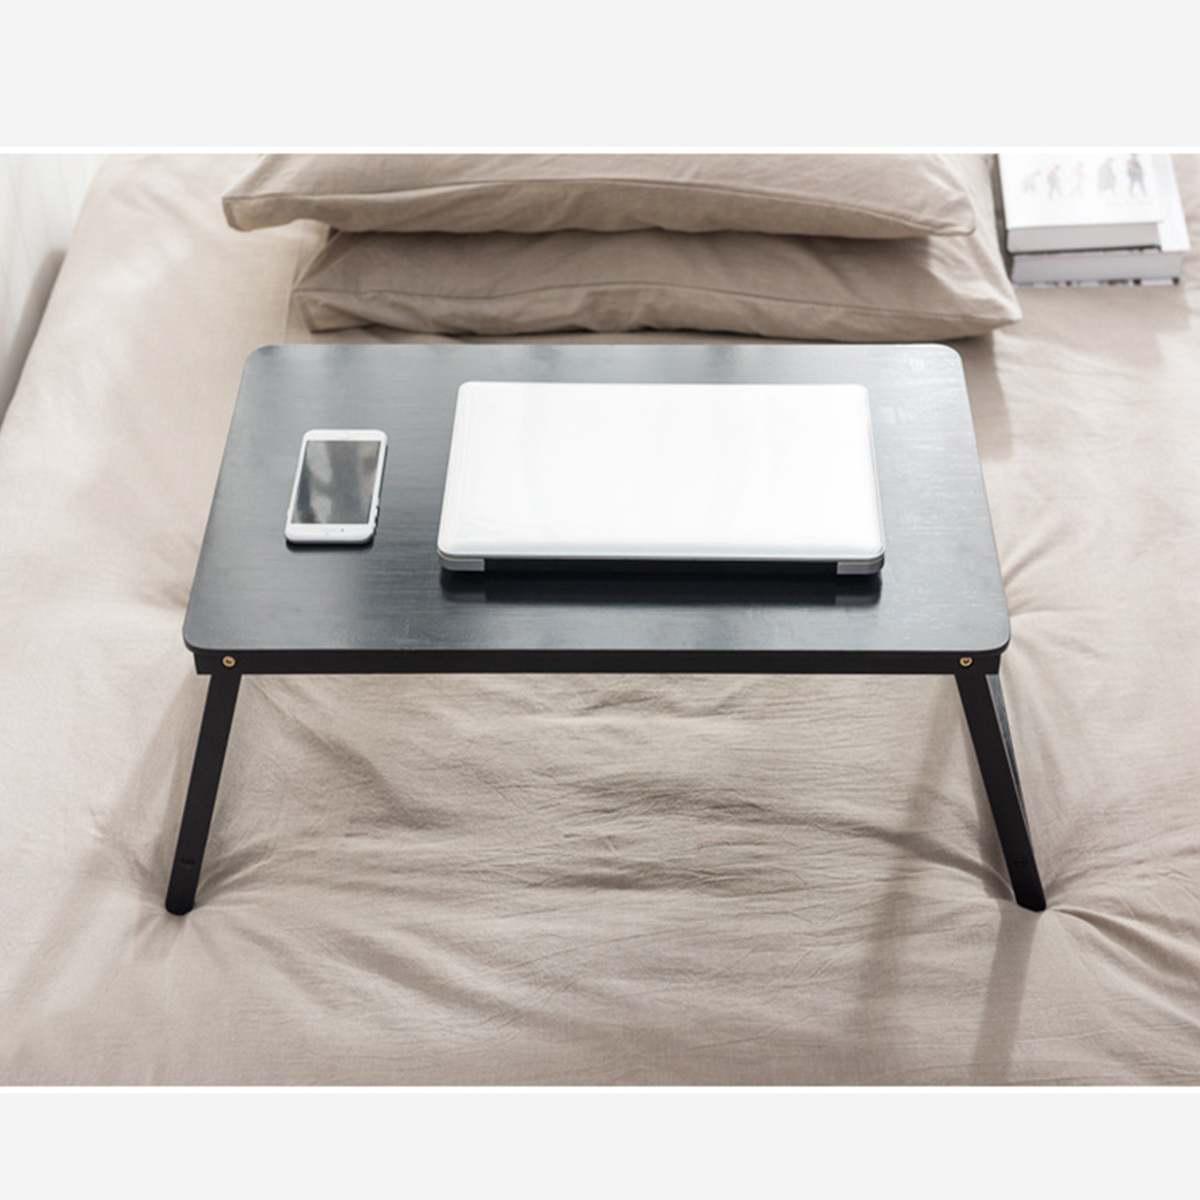 Bambus Laptop Tisch Für Bett Klapp Laptop Schreibtisch Computer Buch Stehen  auf Sofa/Bett Schlafsaal Reise Camping Picknick Tragbare hause